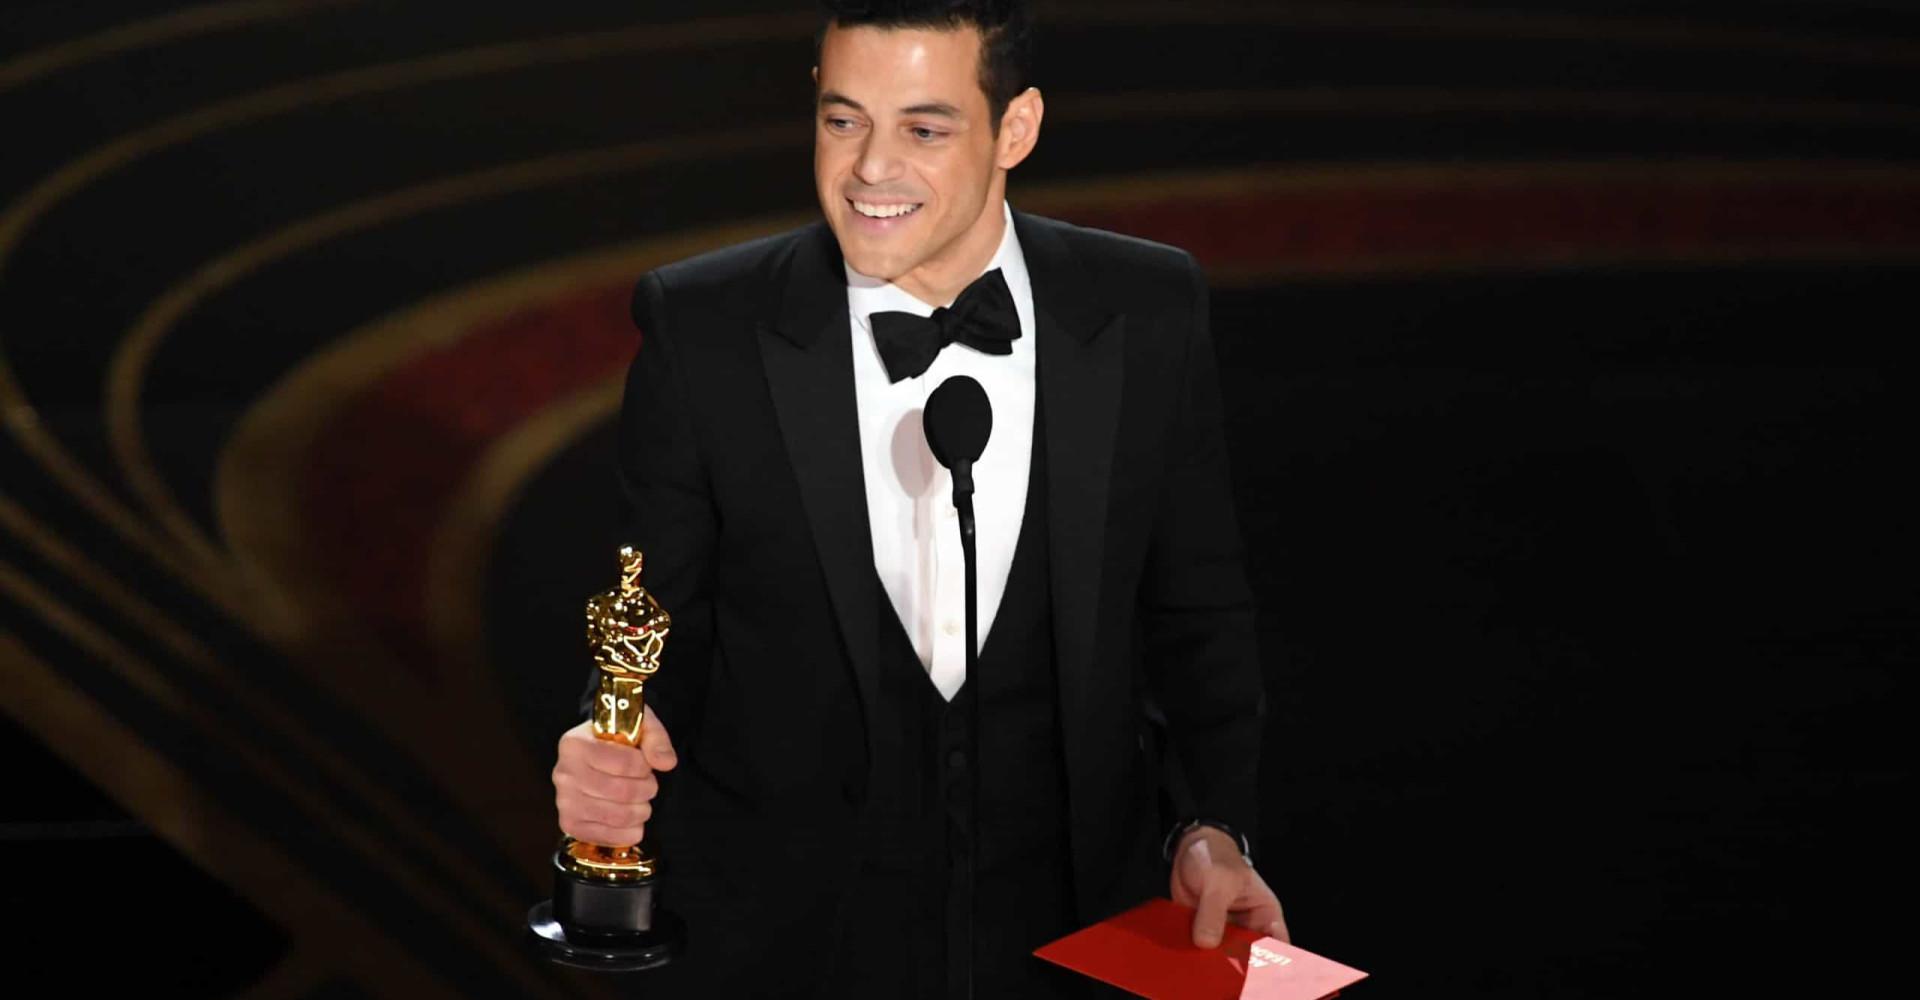 Rami Malek: a trajetória do vencedor do Oscar